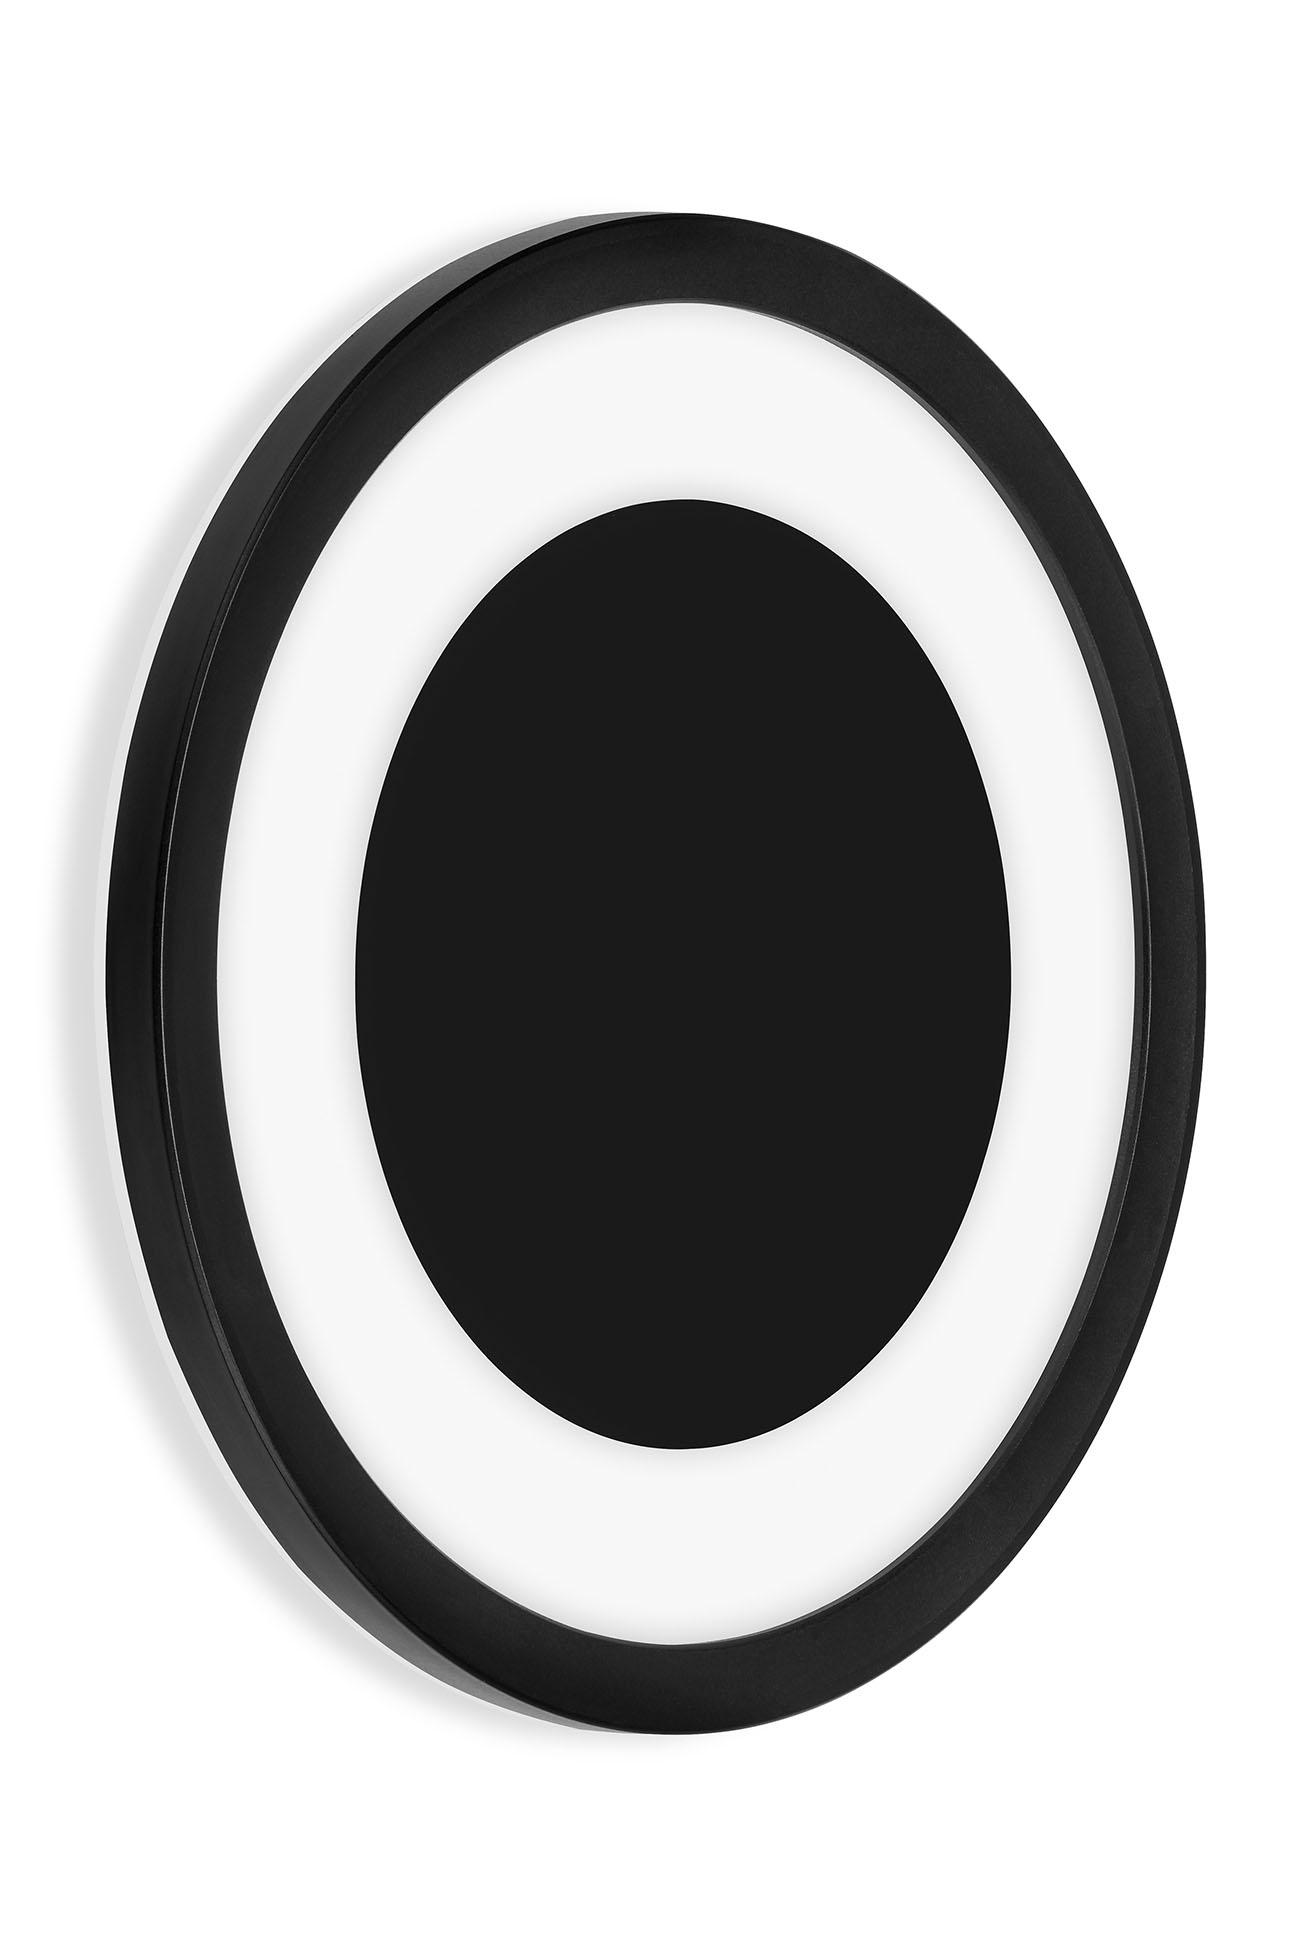 TELEFUNKEN LED Aussenwandleuchte, Ø 28 cm, 15 W, Schwarz